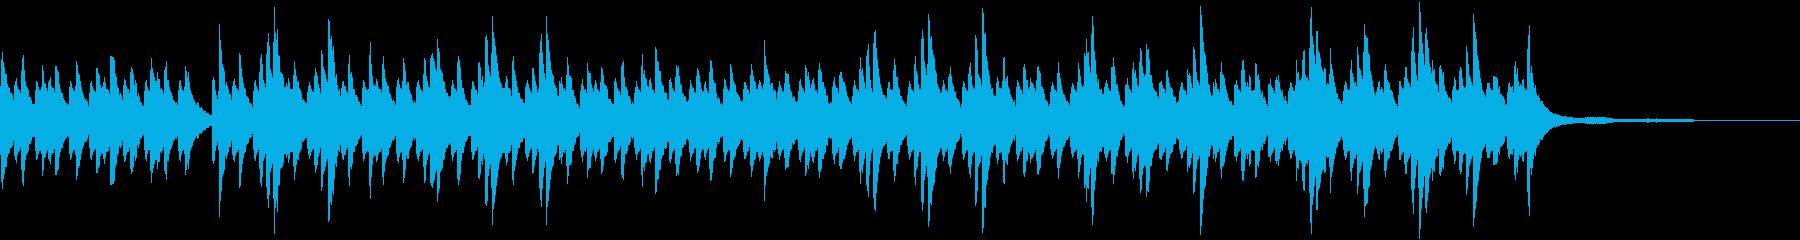 creo_leo_bgm36の再生済みの波形